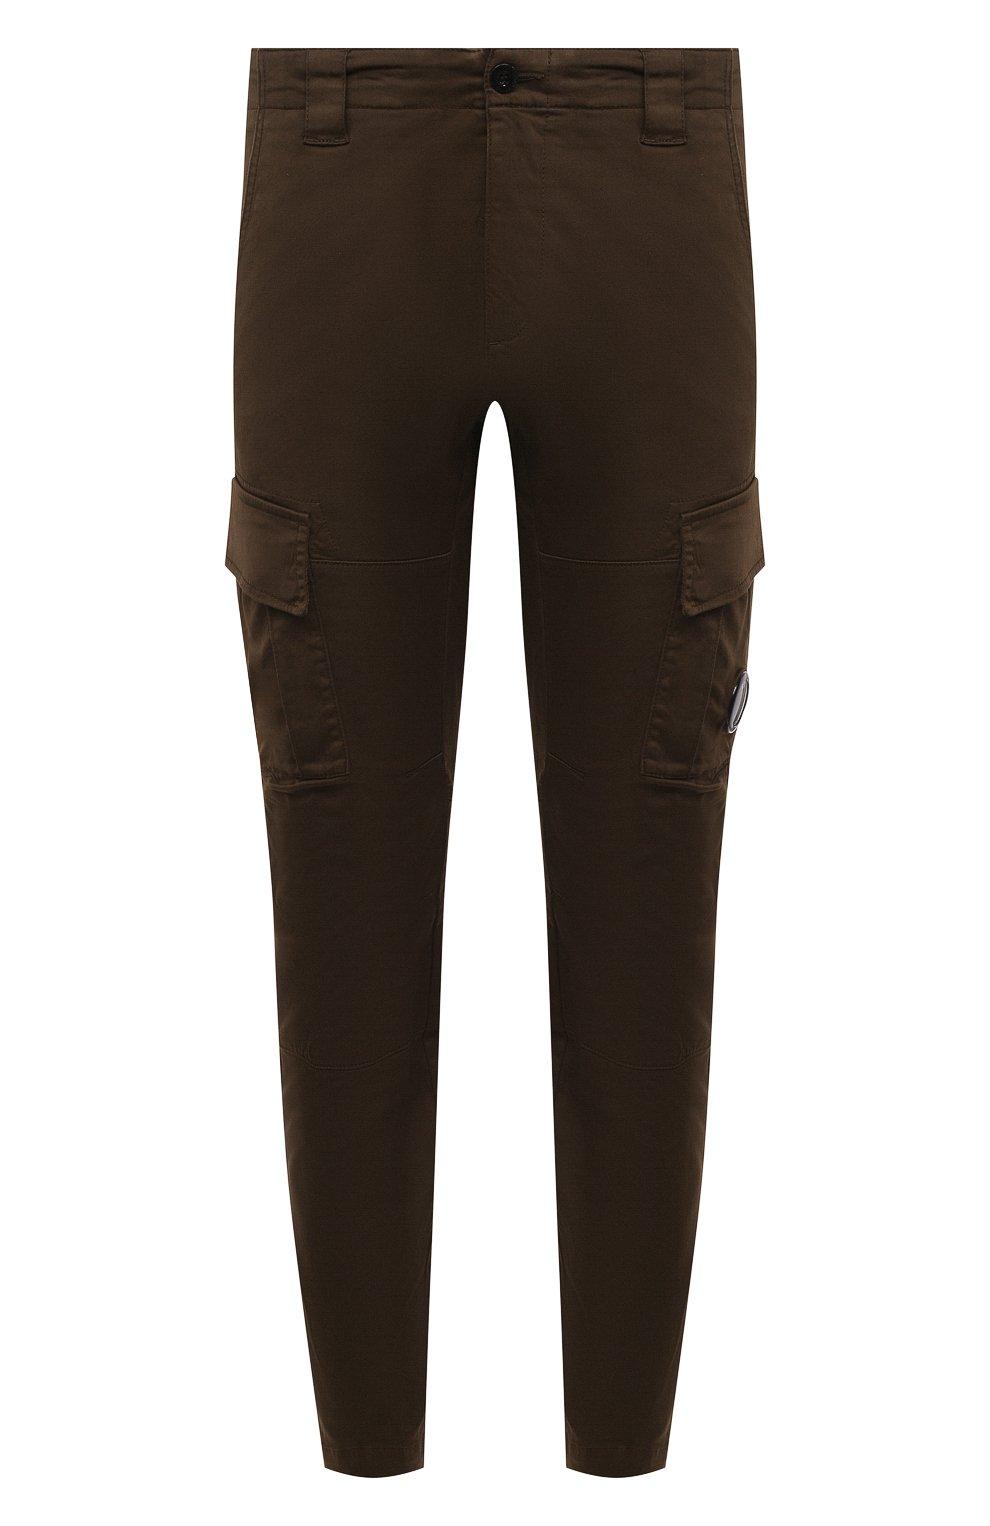 Мужские хлопковые брюки-карго C.P. COMPANY хаки цвета, арт. 10CMPA151A-005694G | Фото 1 (Силуэт М (брюки): Карго; Длина (брюки, джинсы): Стандартные; Случай: Повседневный; Стили: Гранж; Материал внешний: Хлопок)